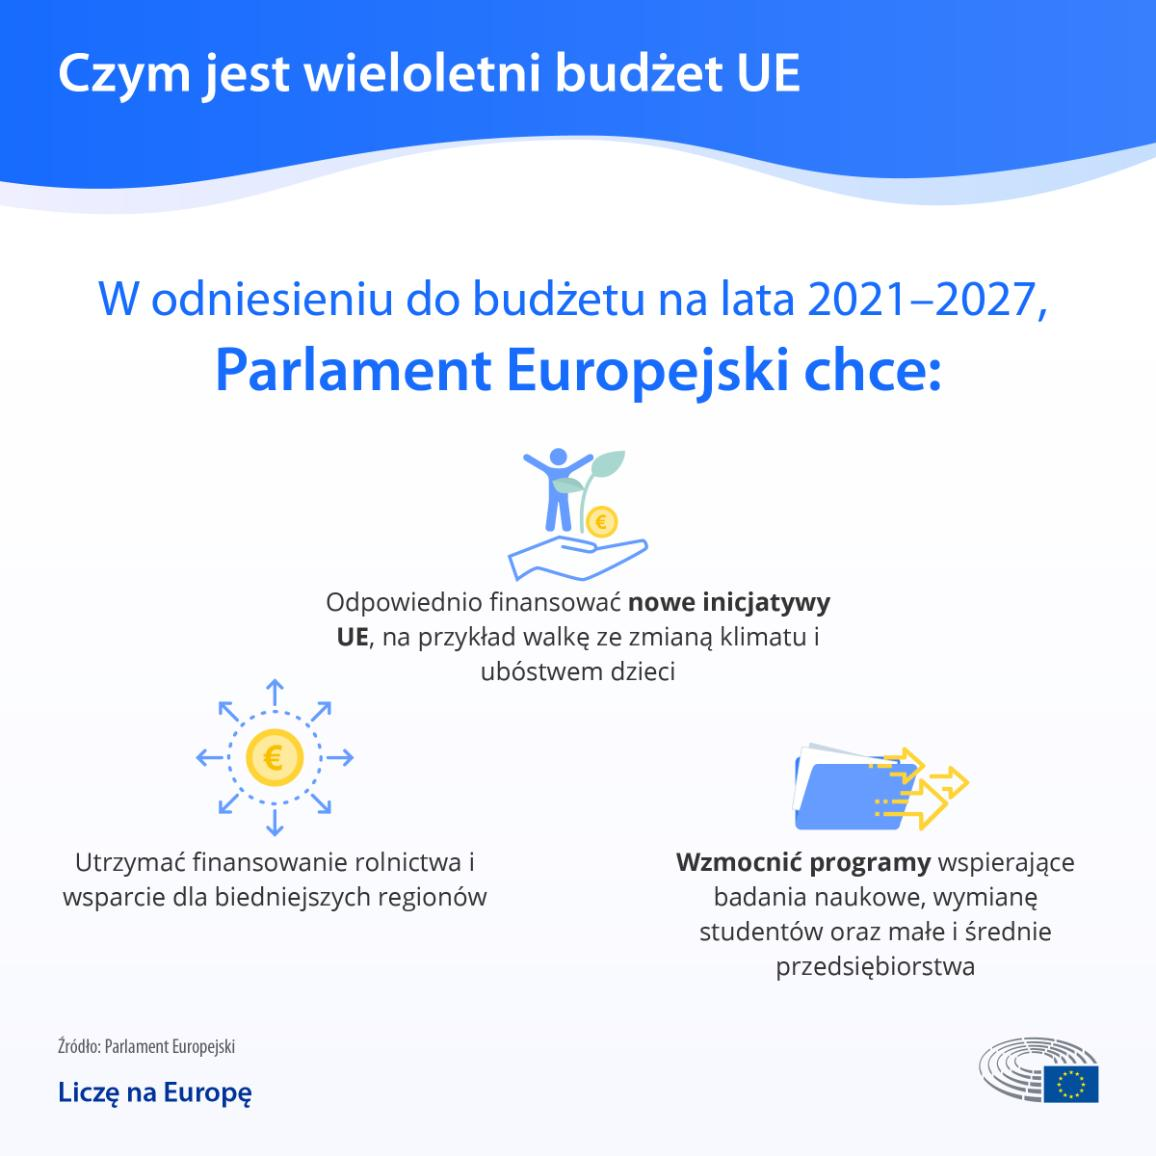 Infografika na temat negocjacji długoterminowego budżetu UE na lata 2021-2027, pokazująca oczekiwania Parlamentu Europejskiego